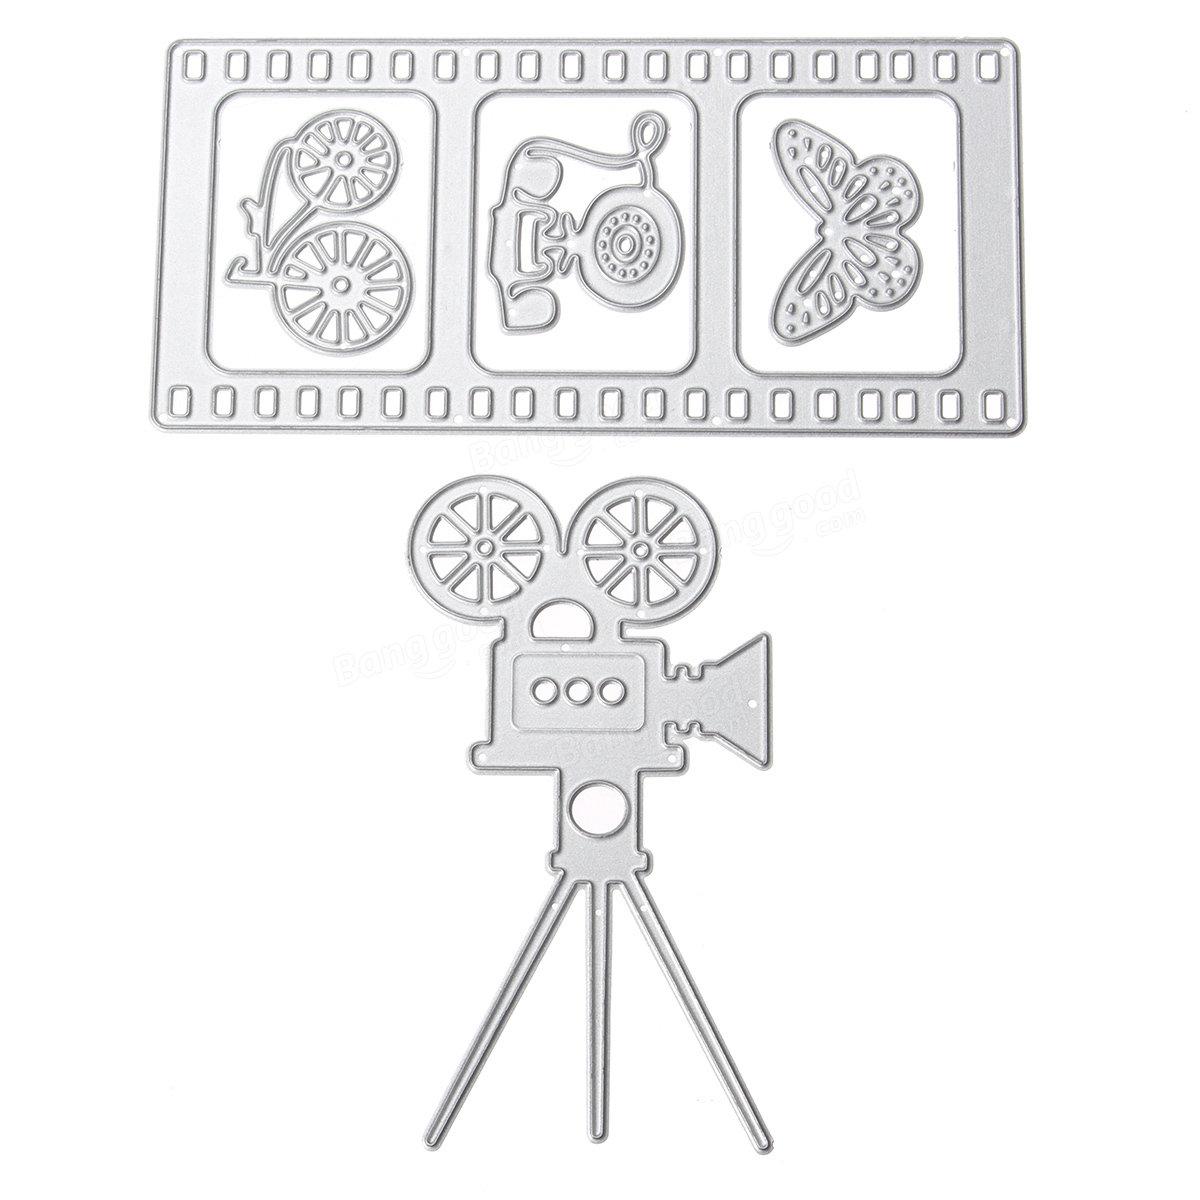 DIYプロジェクターフィルムバタフライ電話金属切削ダイススクラップブッキングアルバムデコレーションエンボス